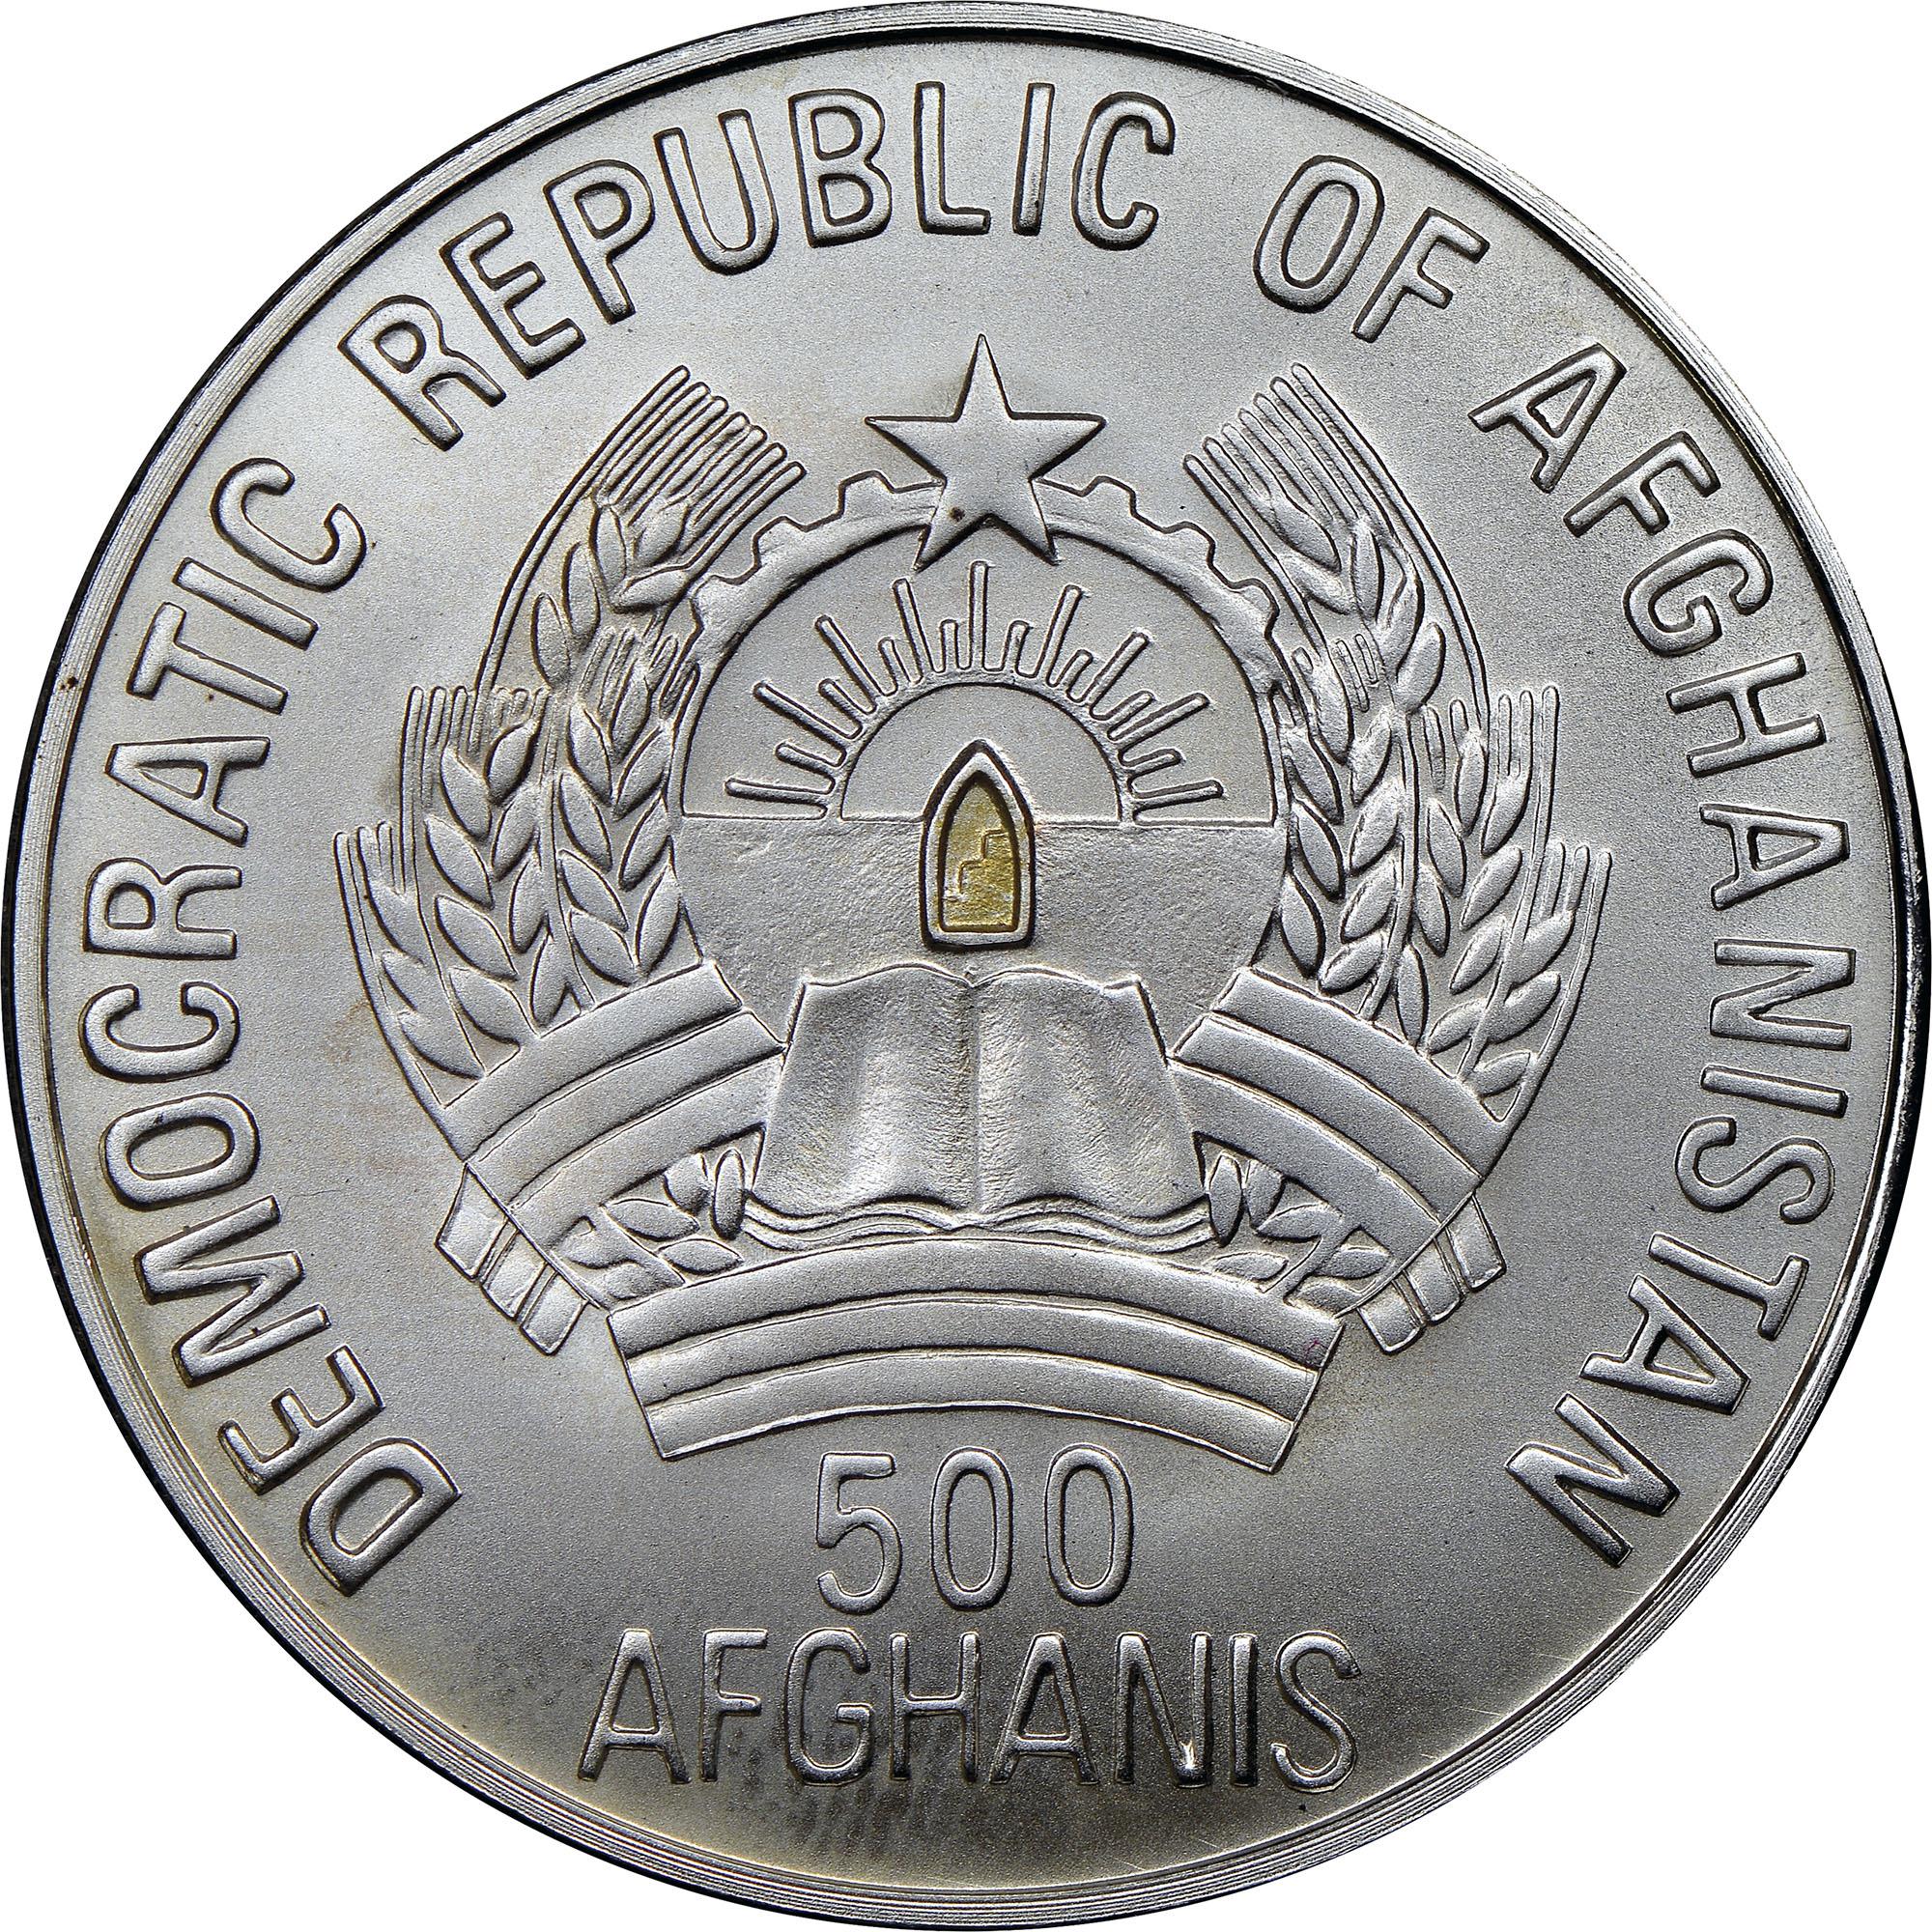 Afghanistan 500 Afghanis obverse